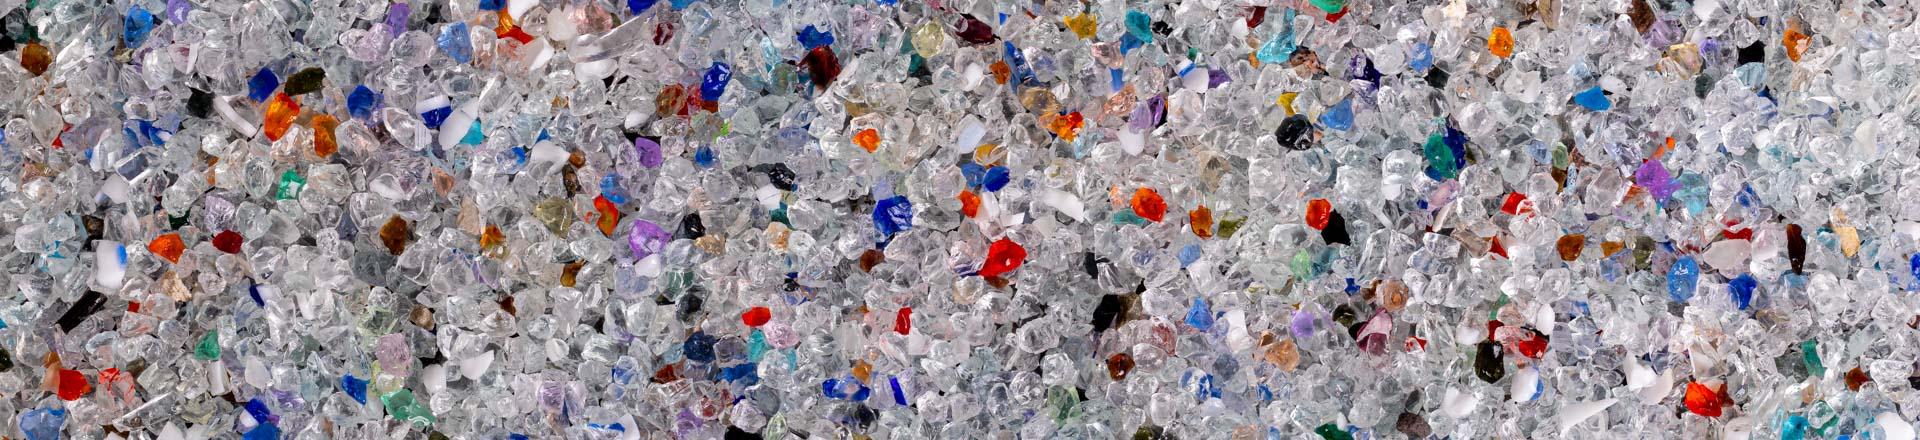 Klaasipuru puhastus-seadmetele ja dekoratsiooniks